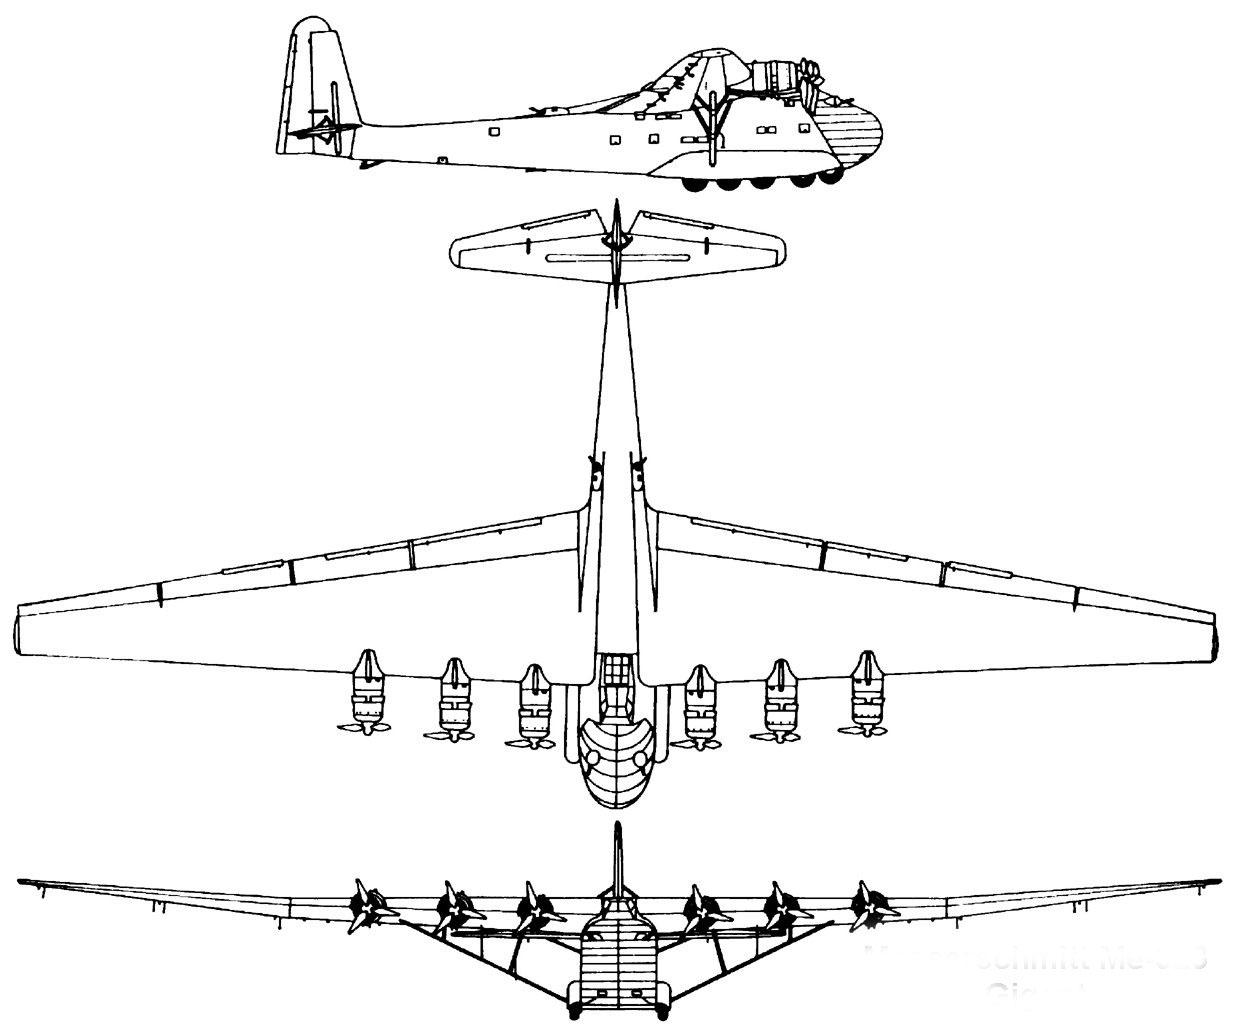 Messerschmitt me-323 gigant